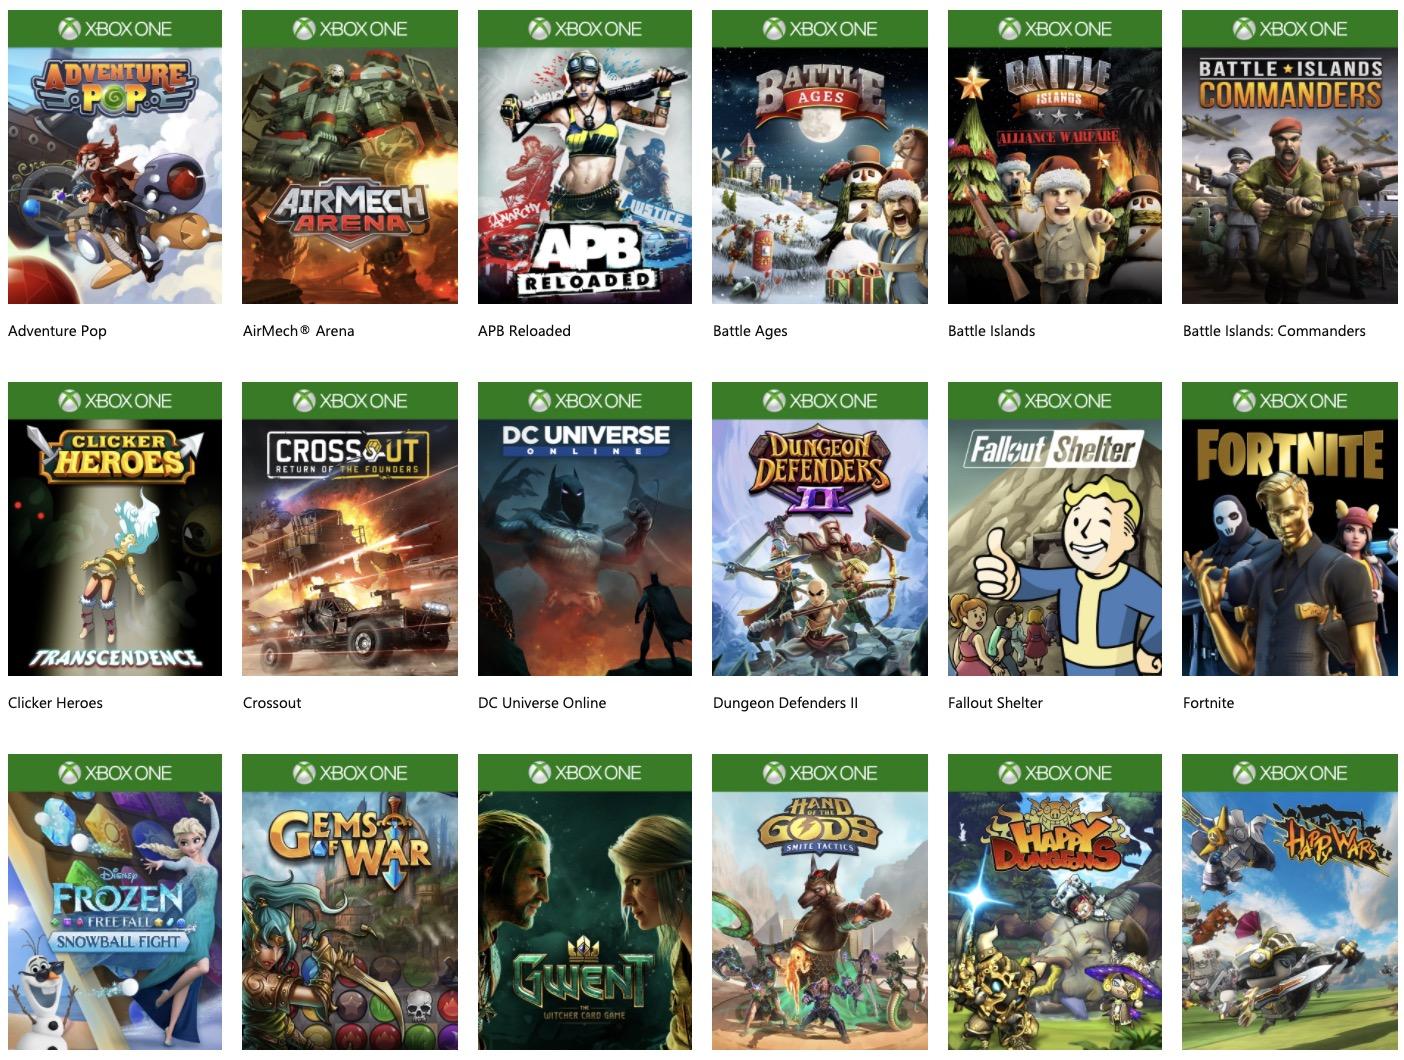 Code promo Xbox : Découvrez une large sélection de jeux gratuits sur Xbox One